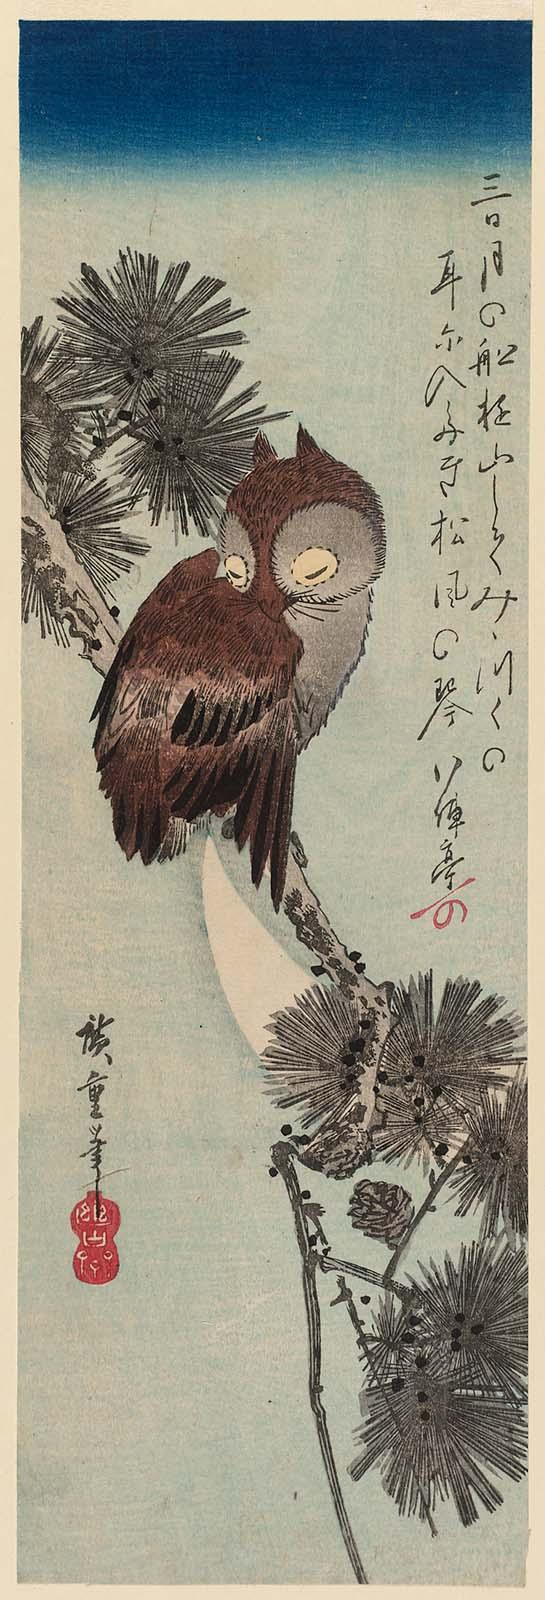 1_Маленькая рогатая сова в сосновом дереве.jpg